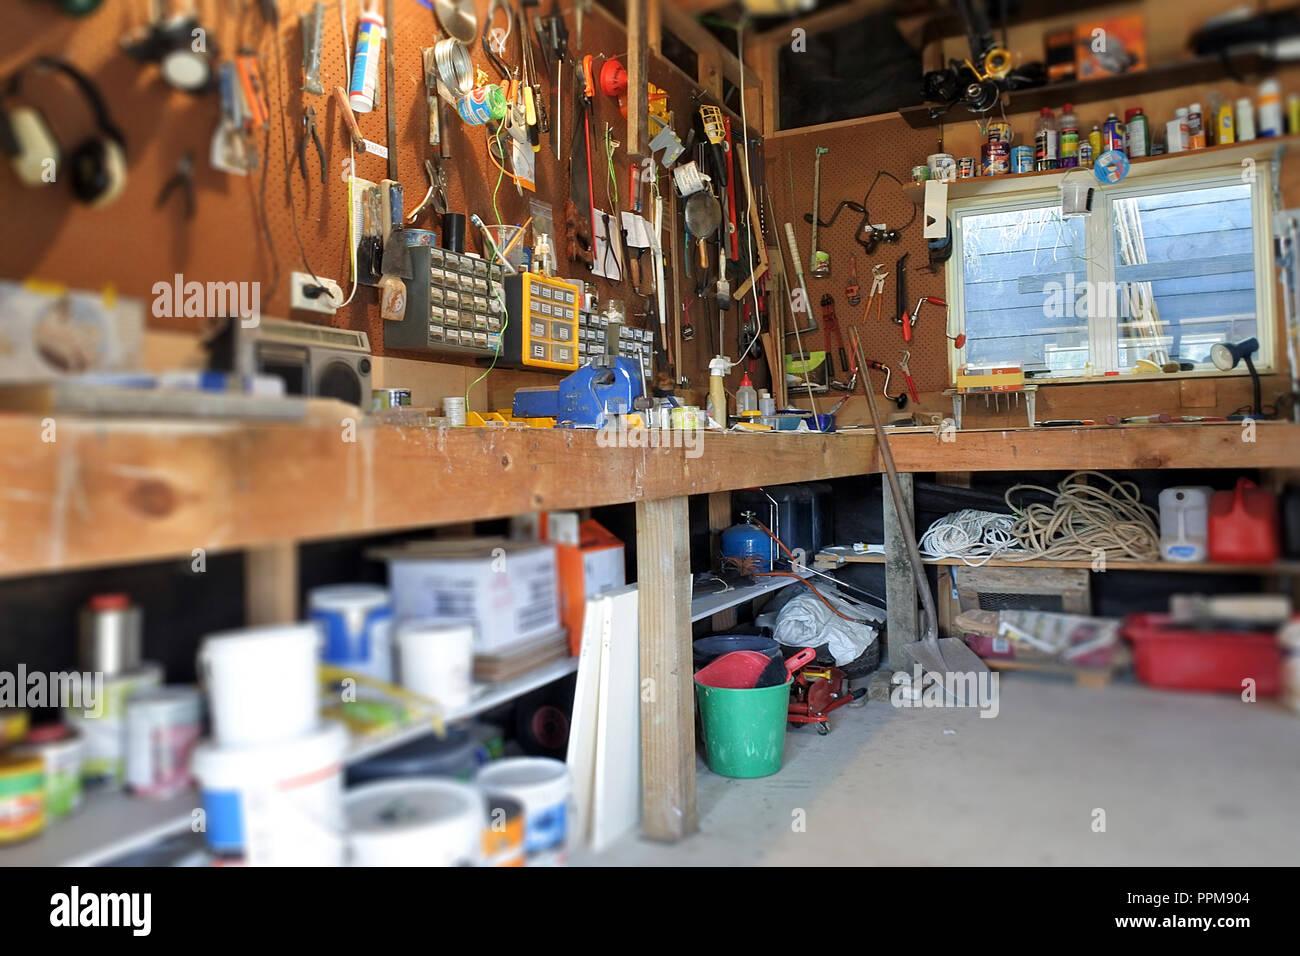 Innenansicht Des Hauses Garage Workshop Mit Arbeitsflache Und